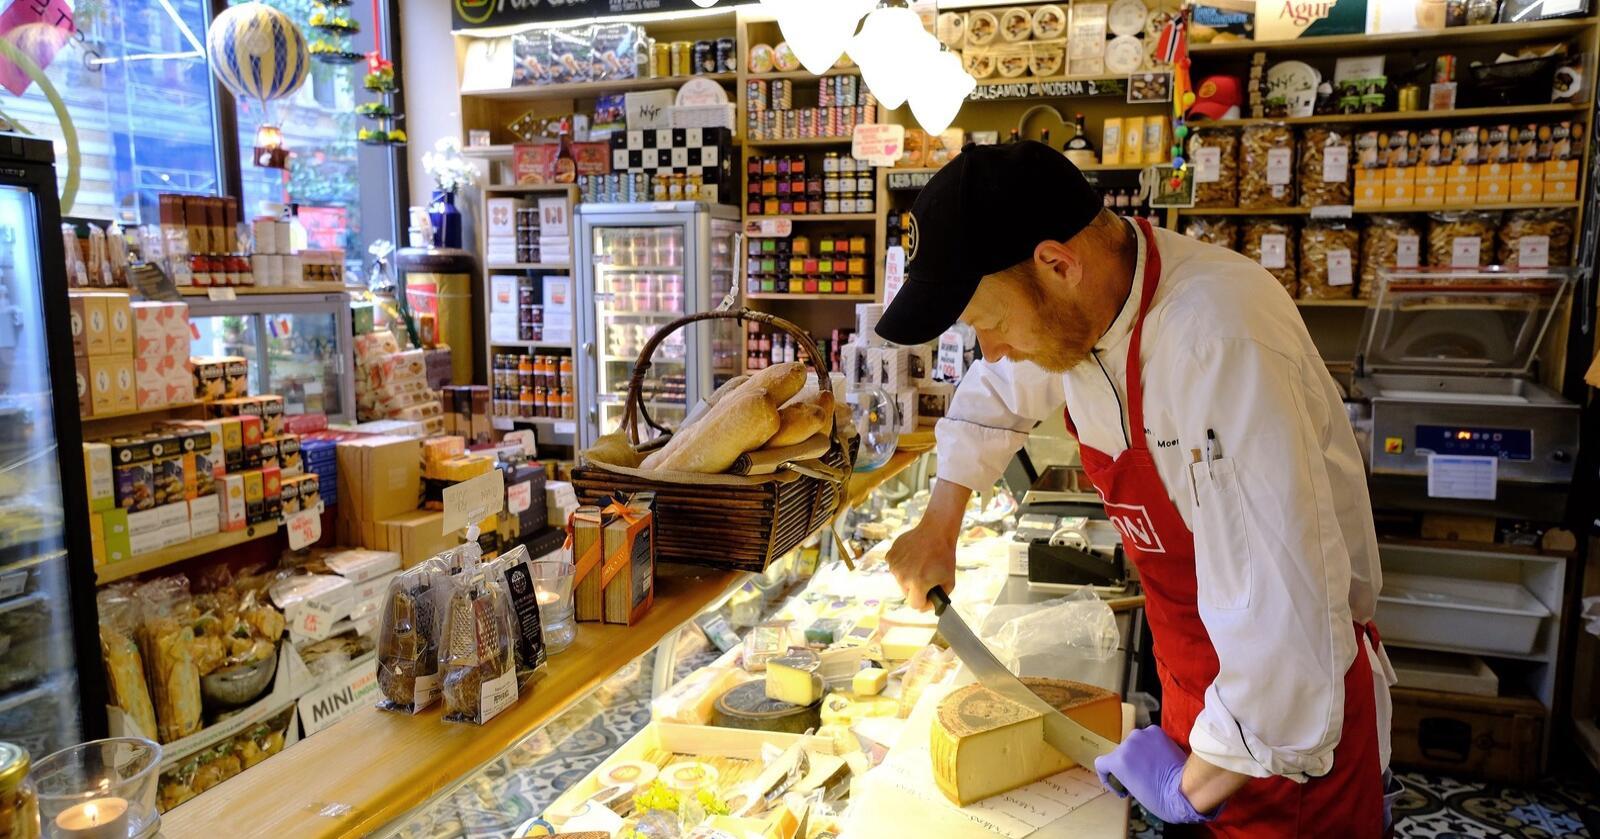 Ostebutikk: Jan-Arne Moen i delikatesseforretningen Frogner Special begynte å selge norsk ost for to år siden. Nå står de hjemligeproduktene for mer enn seksti prosent av omsetningen. Foto: Bjørn Harry Schønhaug/Mat fra Norge